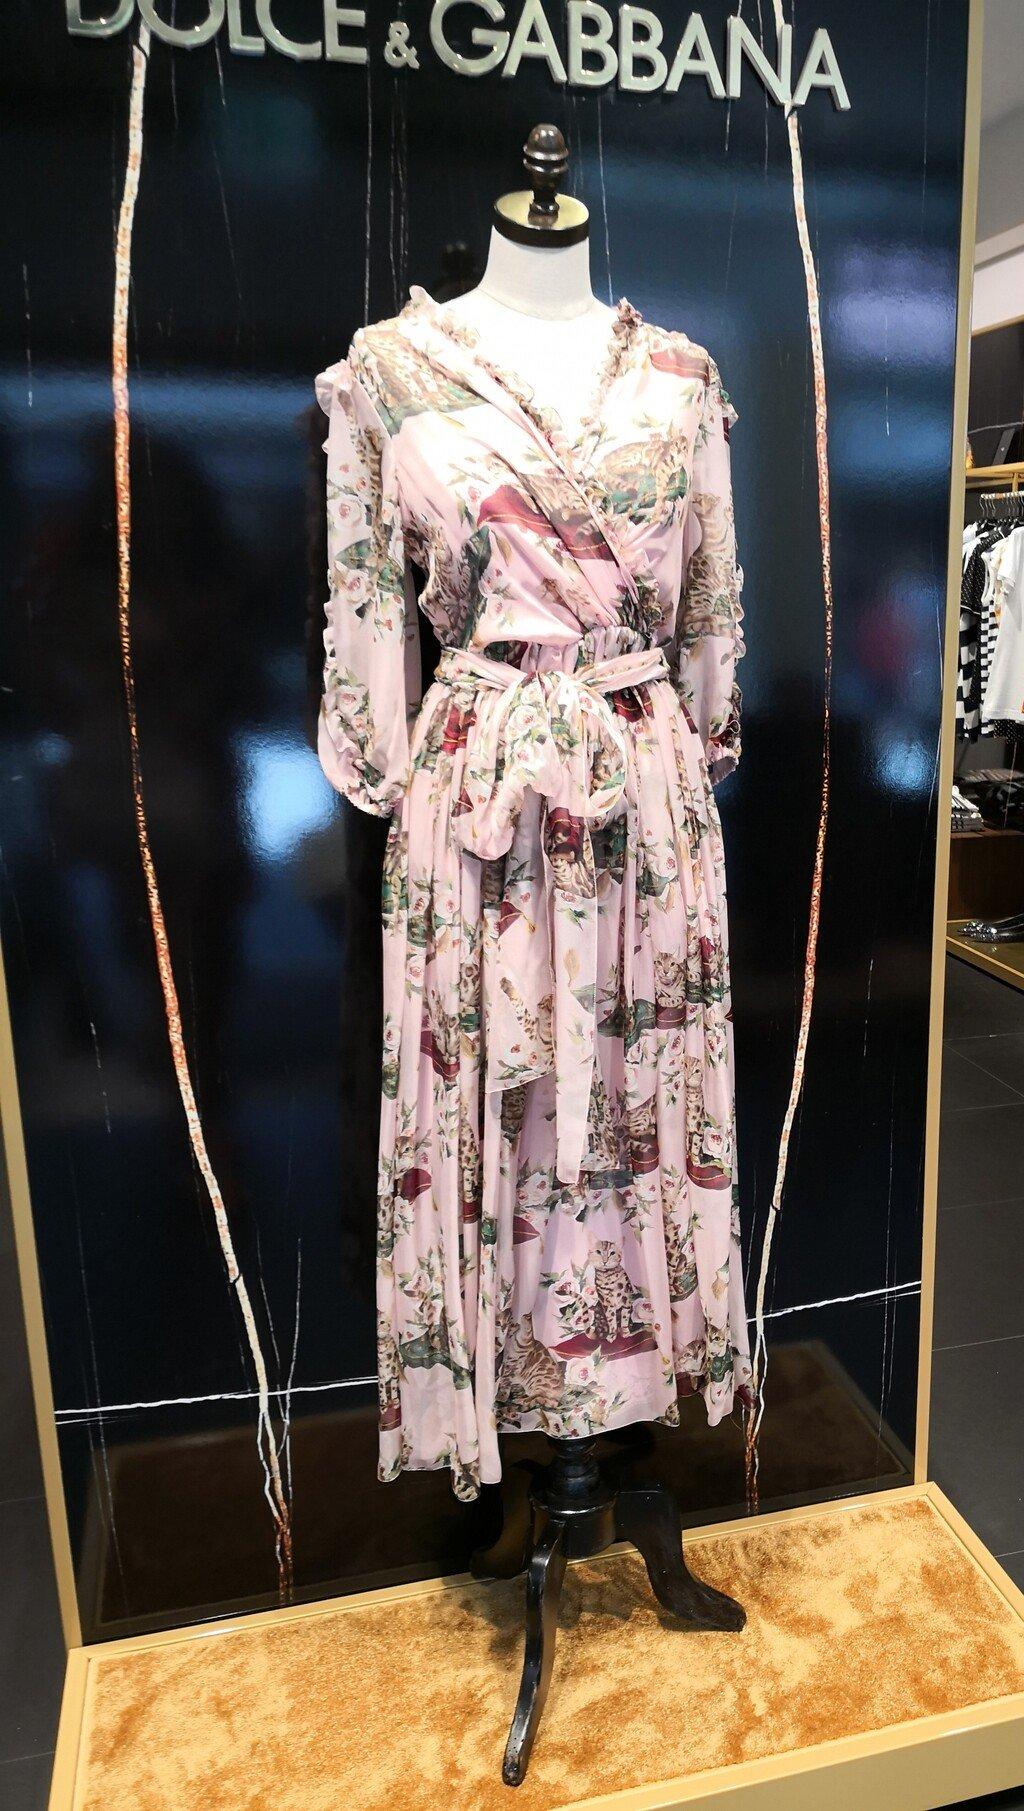 7078e9c736ad Ponuka v obchodoch je dnes veľká a môžete skutočne nájsť veľmi zaujímavé  kúsky do Vášho letného šatníka.